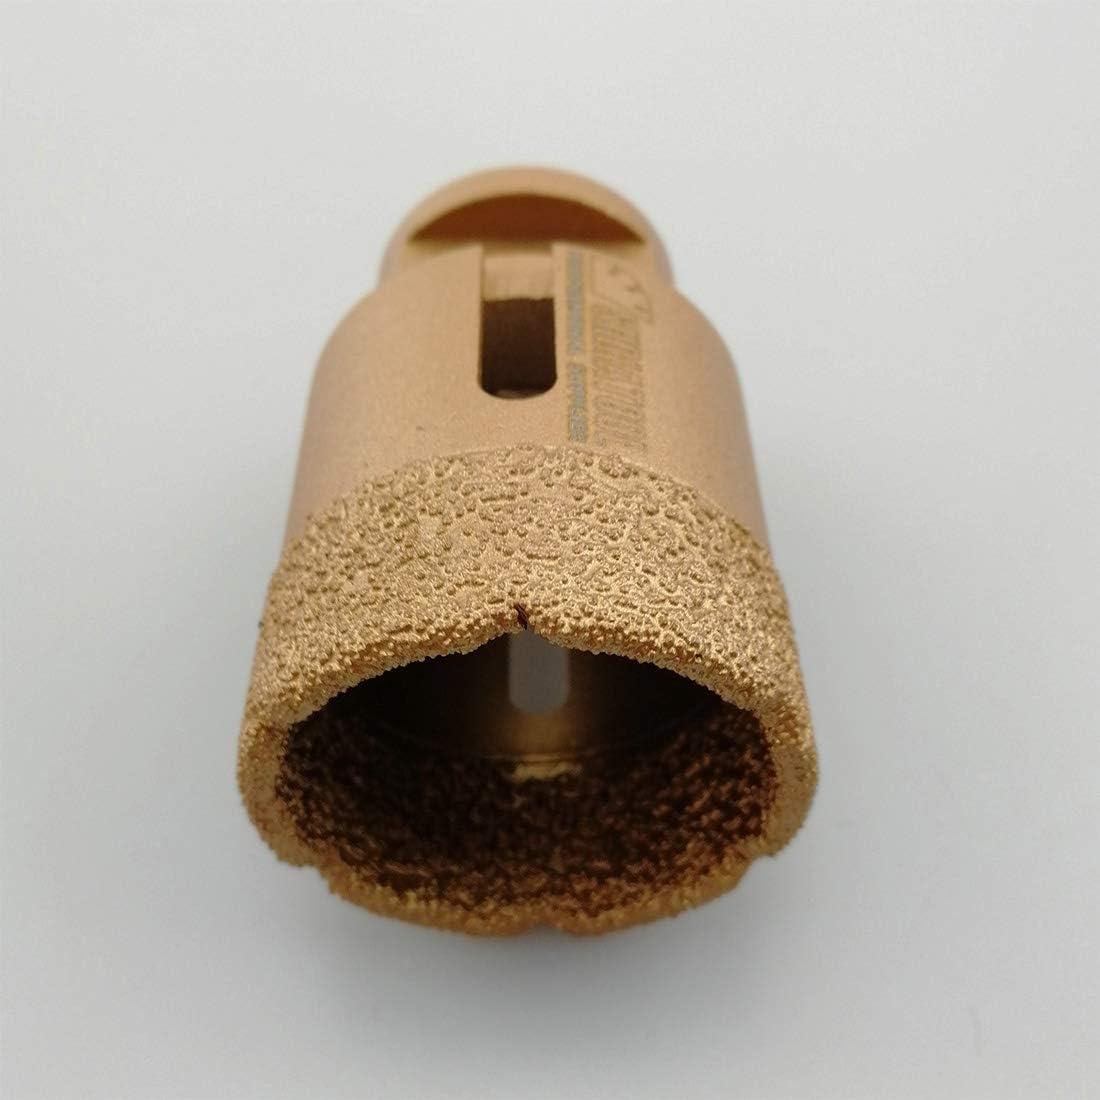 SHDIATOOL Broca de Diamante 4 Piezas para Perforaci/ón en Seco Porcelana Azulejo Granito M/ármol M14 Di/ámetro 30 35 45 60MM